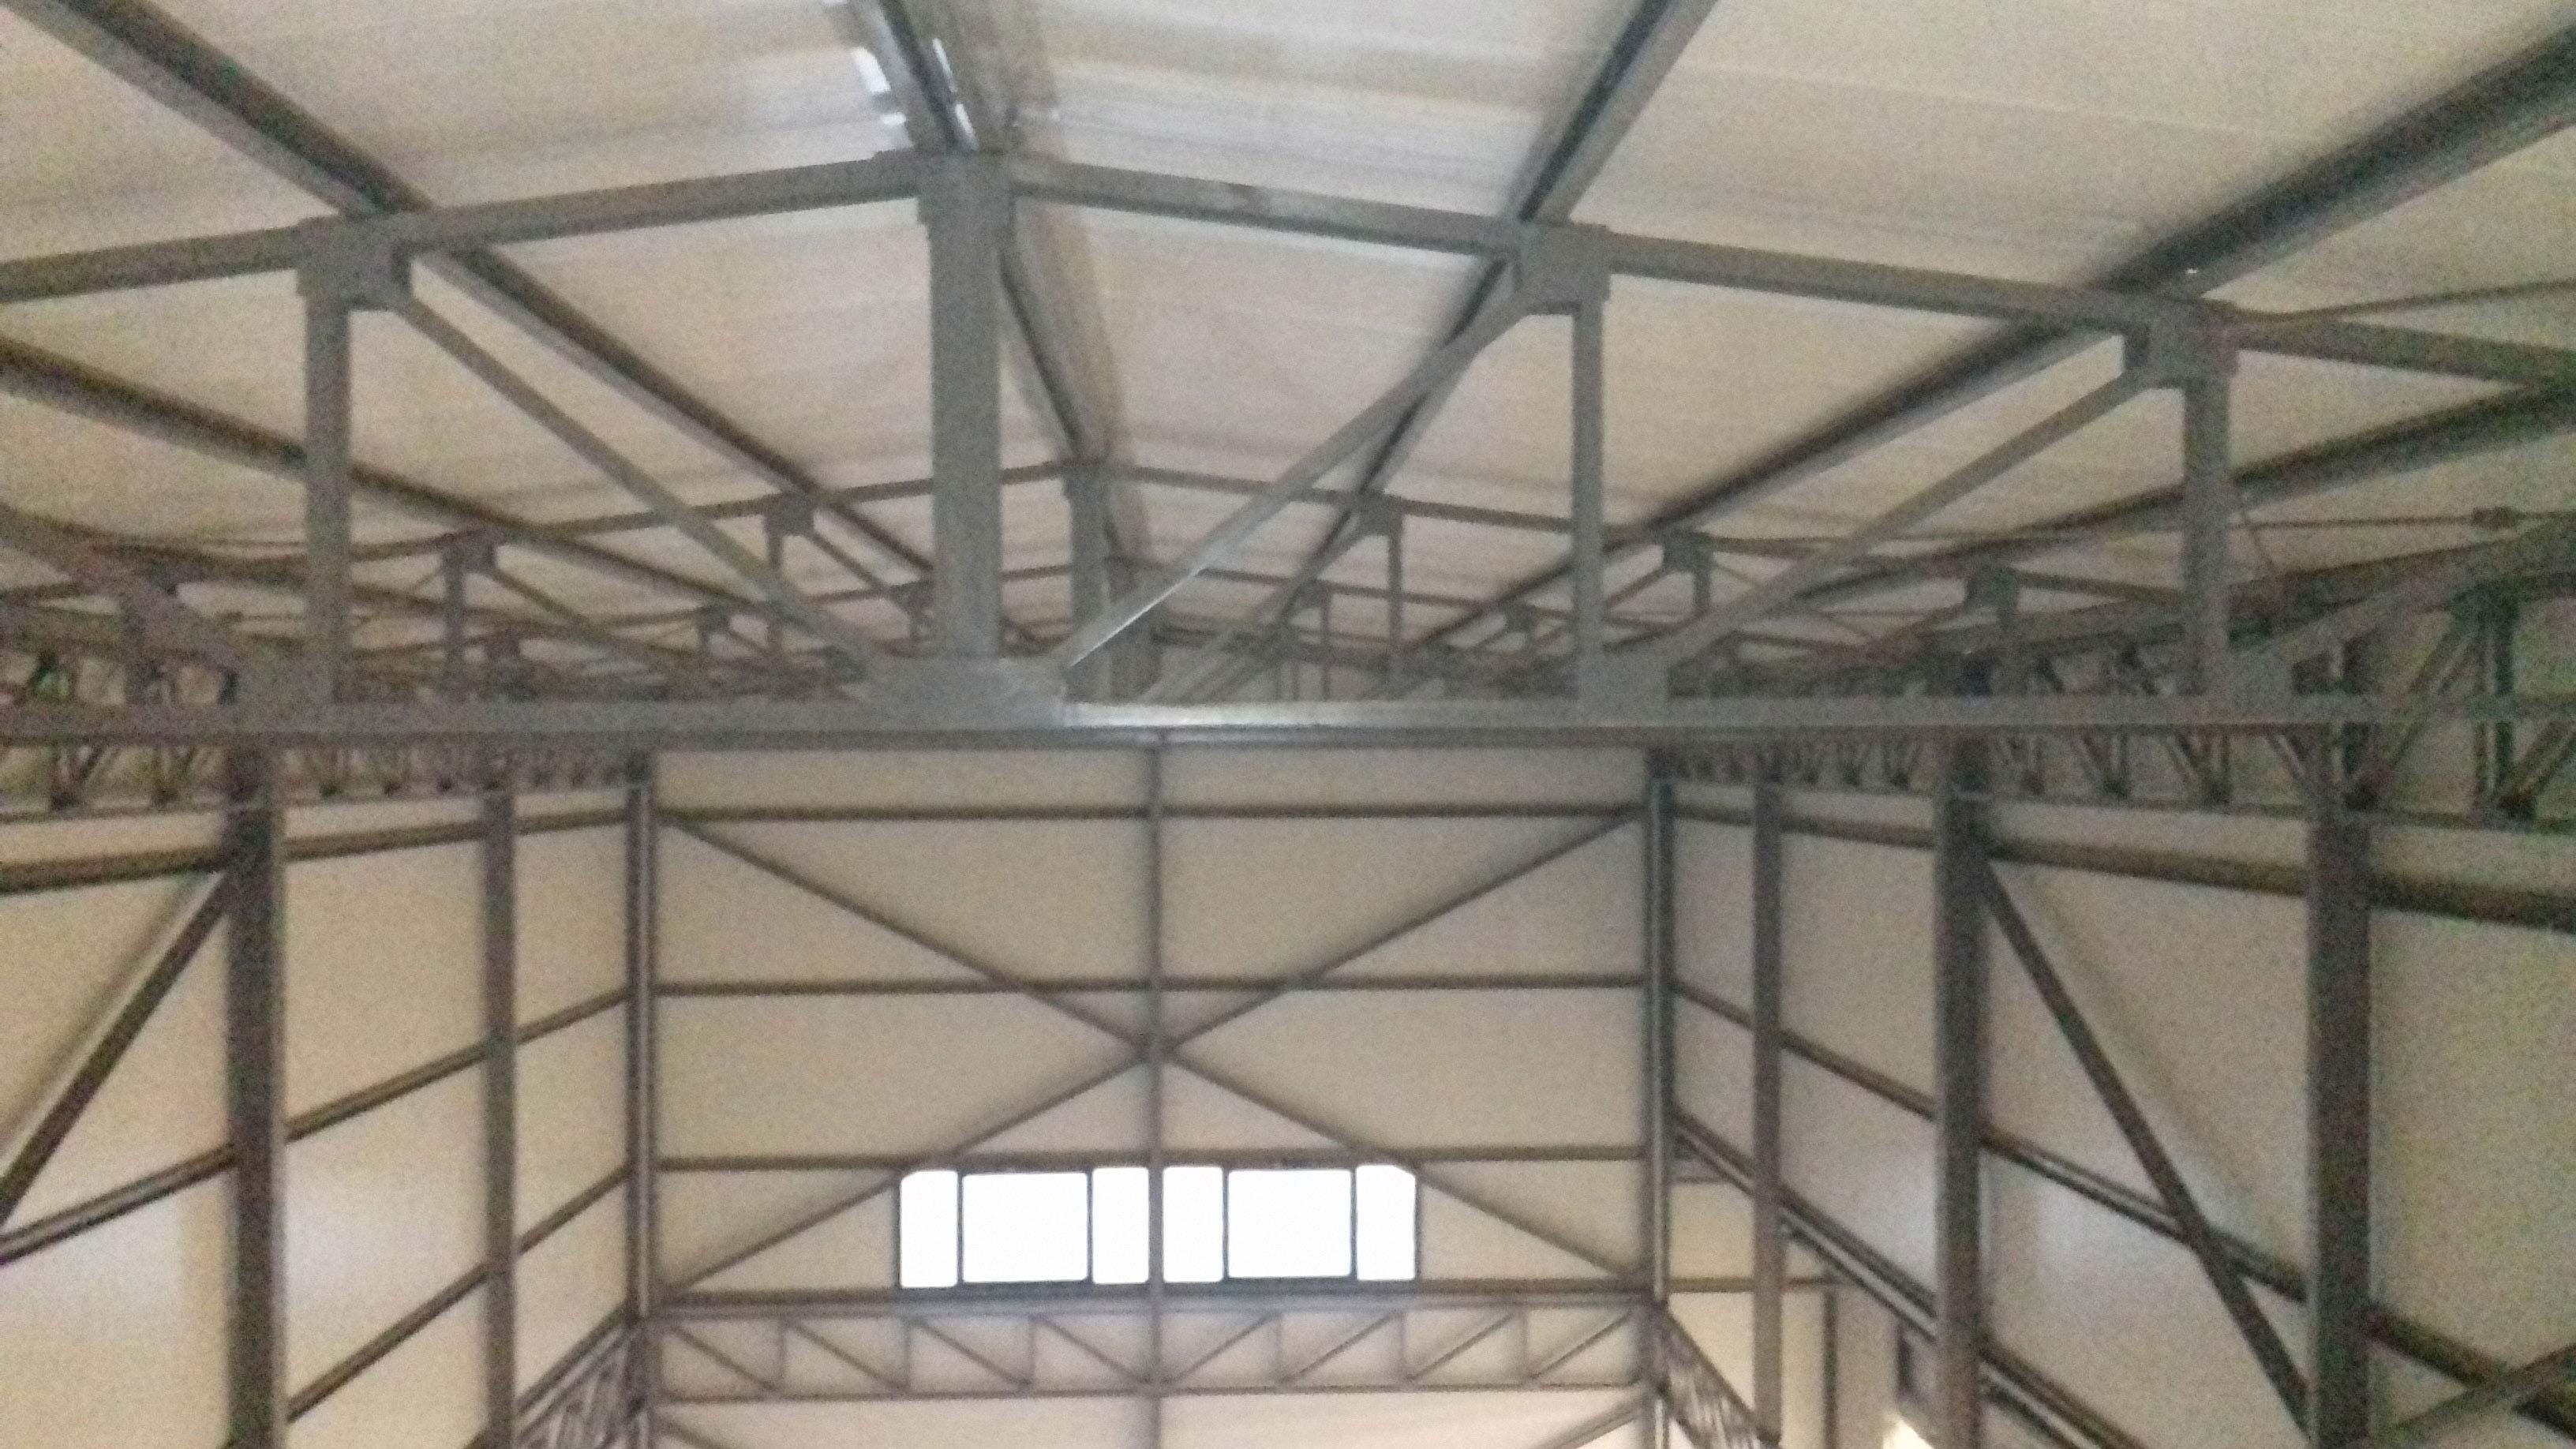 una copertura industriale, tetto, visuale ravvicinata